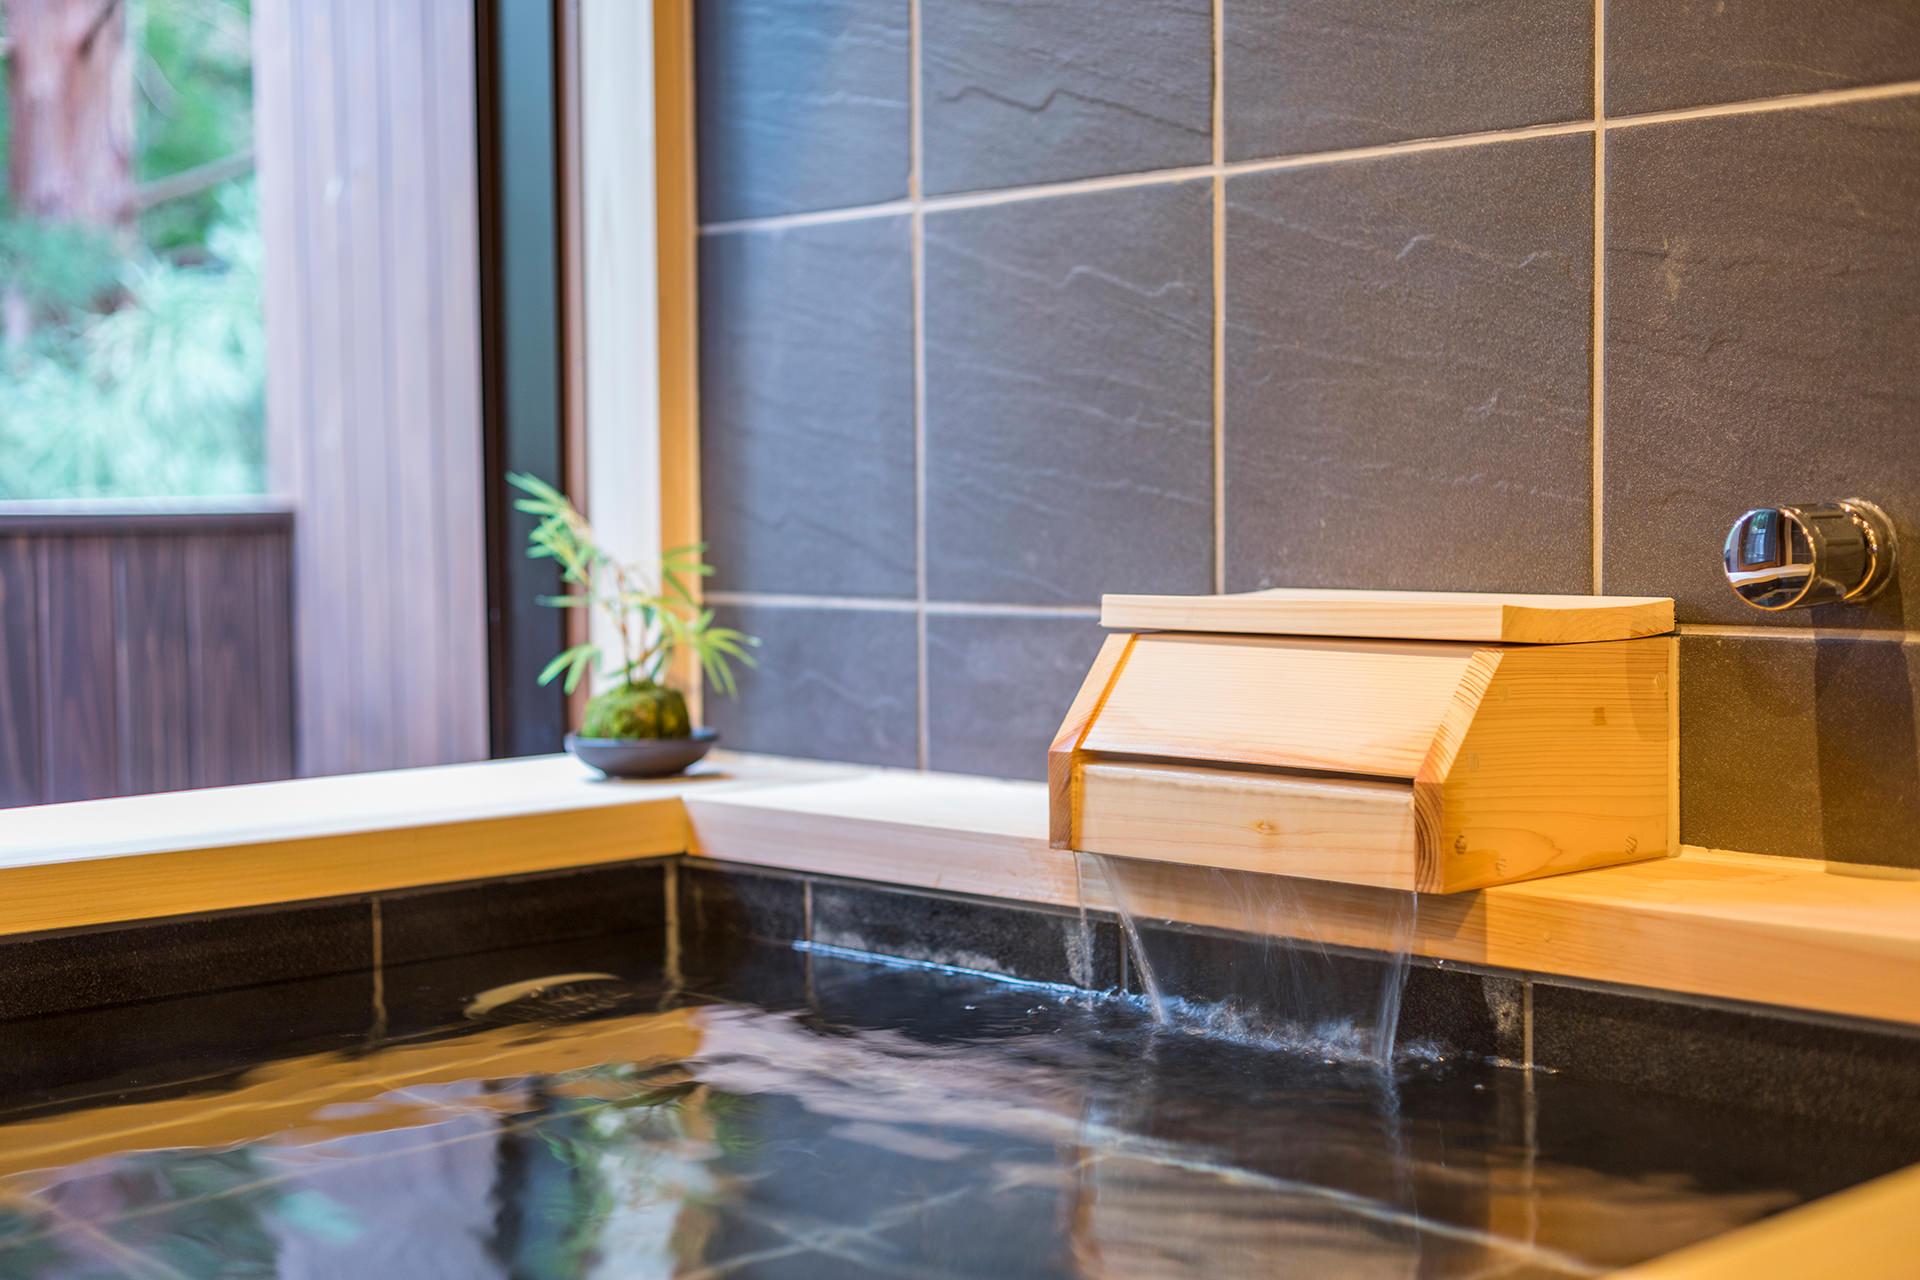 川治温泉 明月苑(旅館リノベーション撮影) イメージ12 撮影:東涌写真事務所・東涌宏和